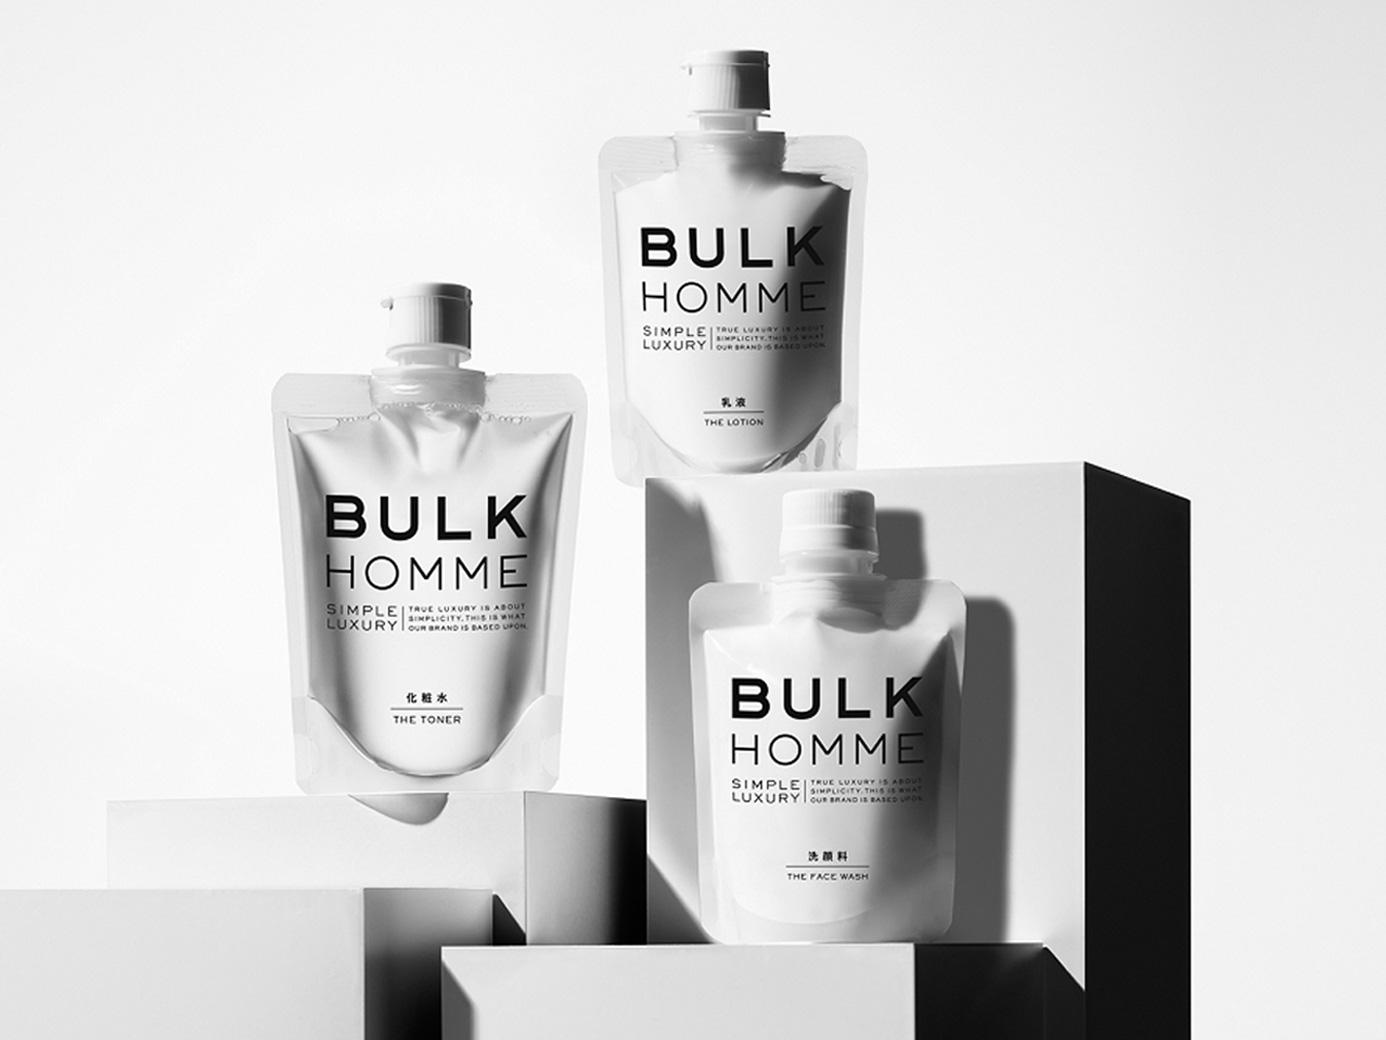 讓你感受肌膚舒適清爽、保濕鎖水! 來自日本大人氣的本客 BULK HOMME男仕保養品